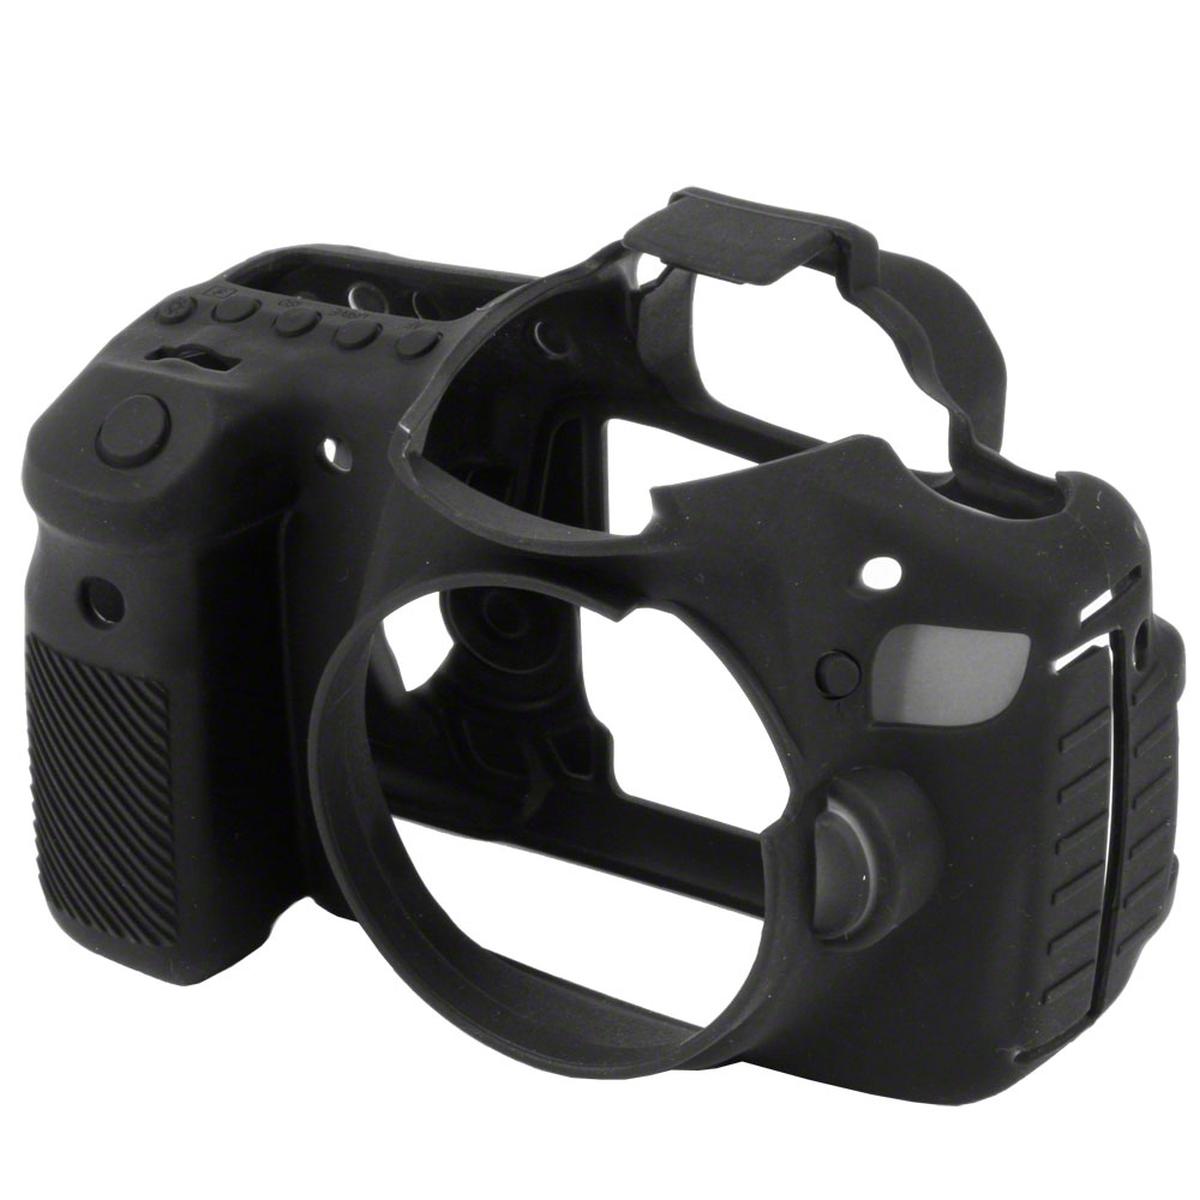 Walimex pro easycover funda protectora de silicona para Canon 60d